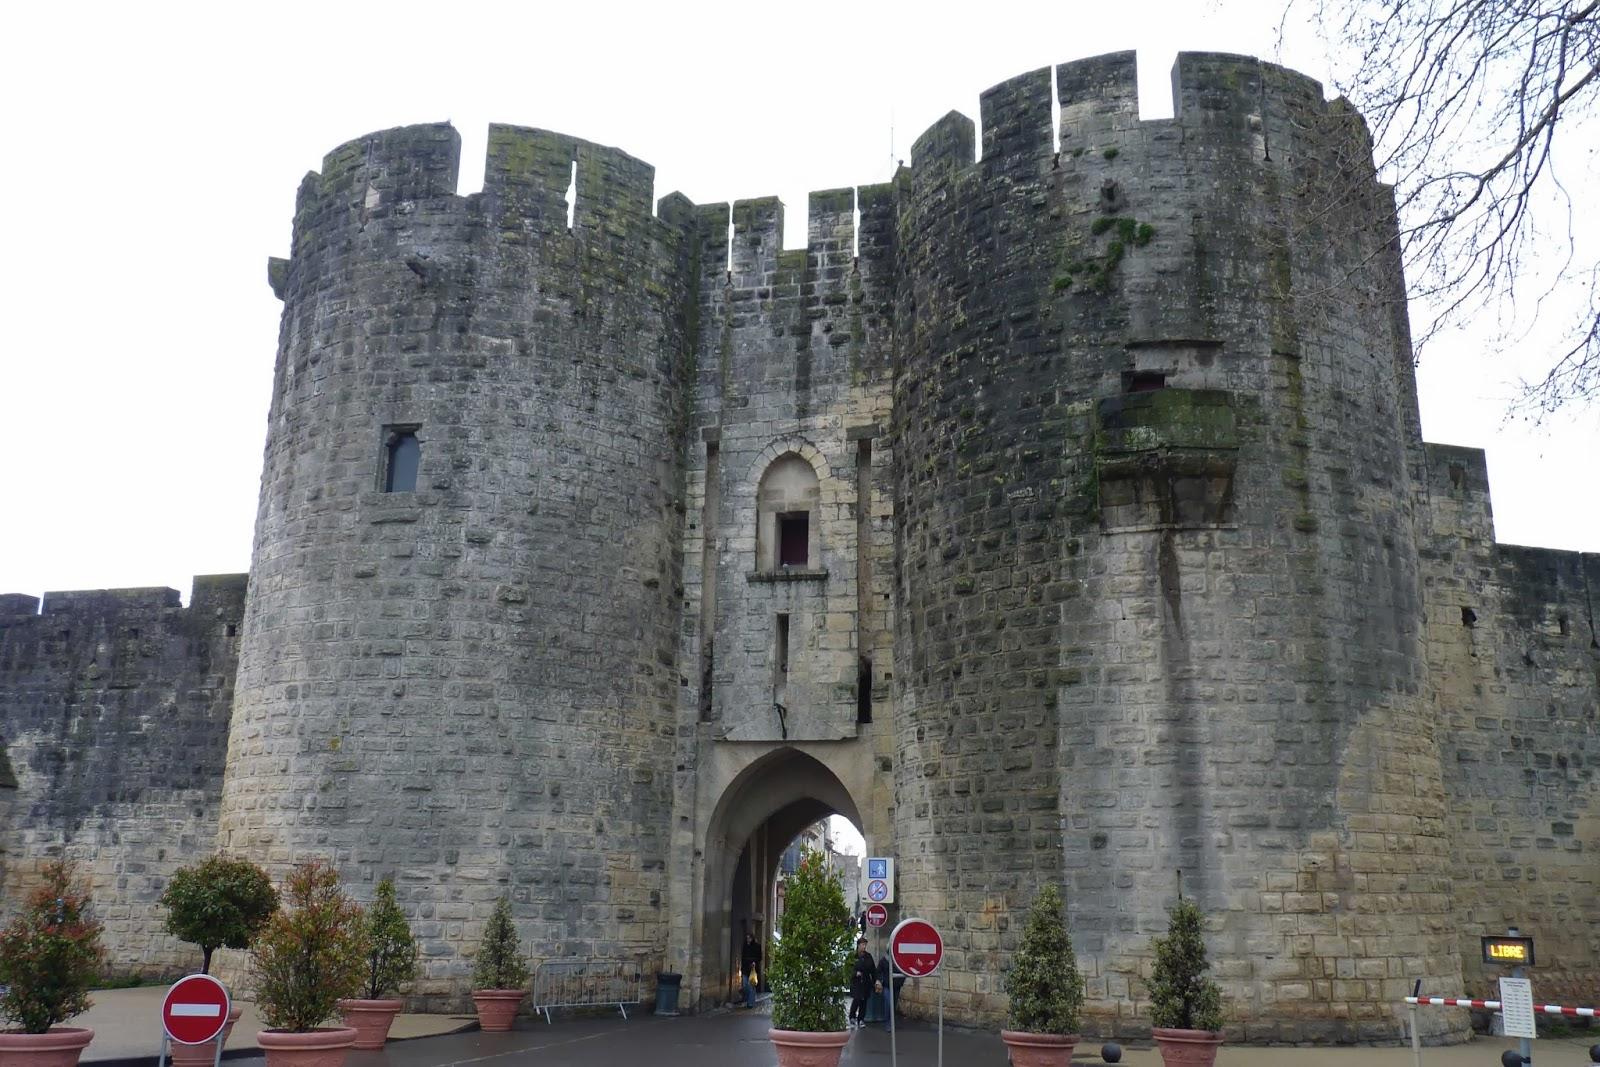 Puerta principal de las murallas de Aigües-Mortes.